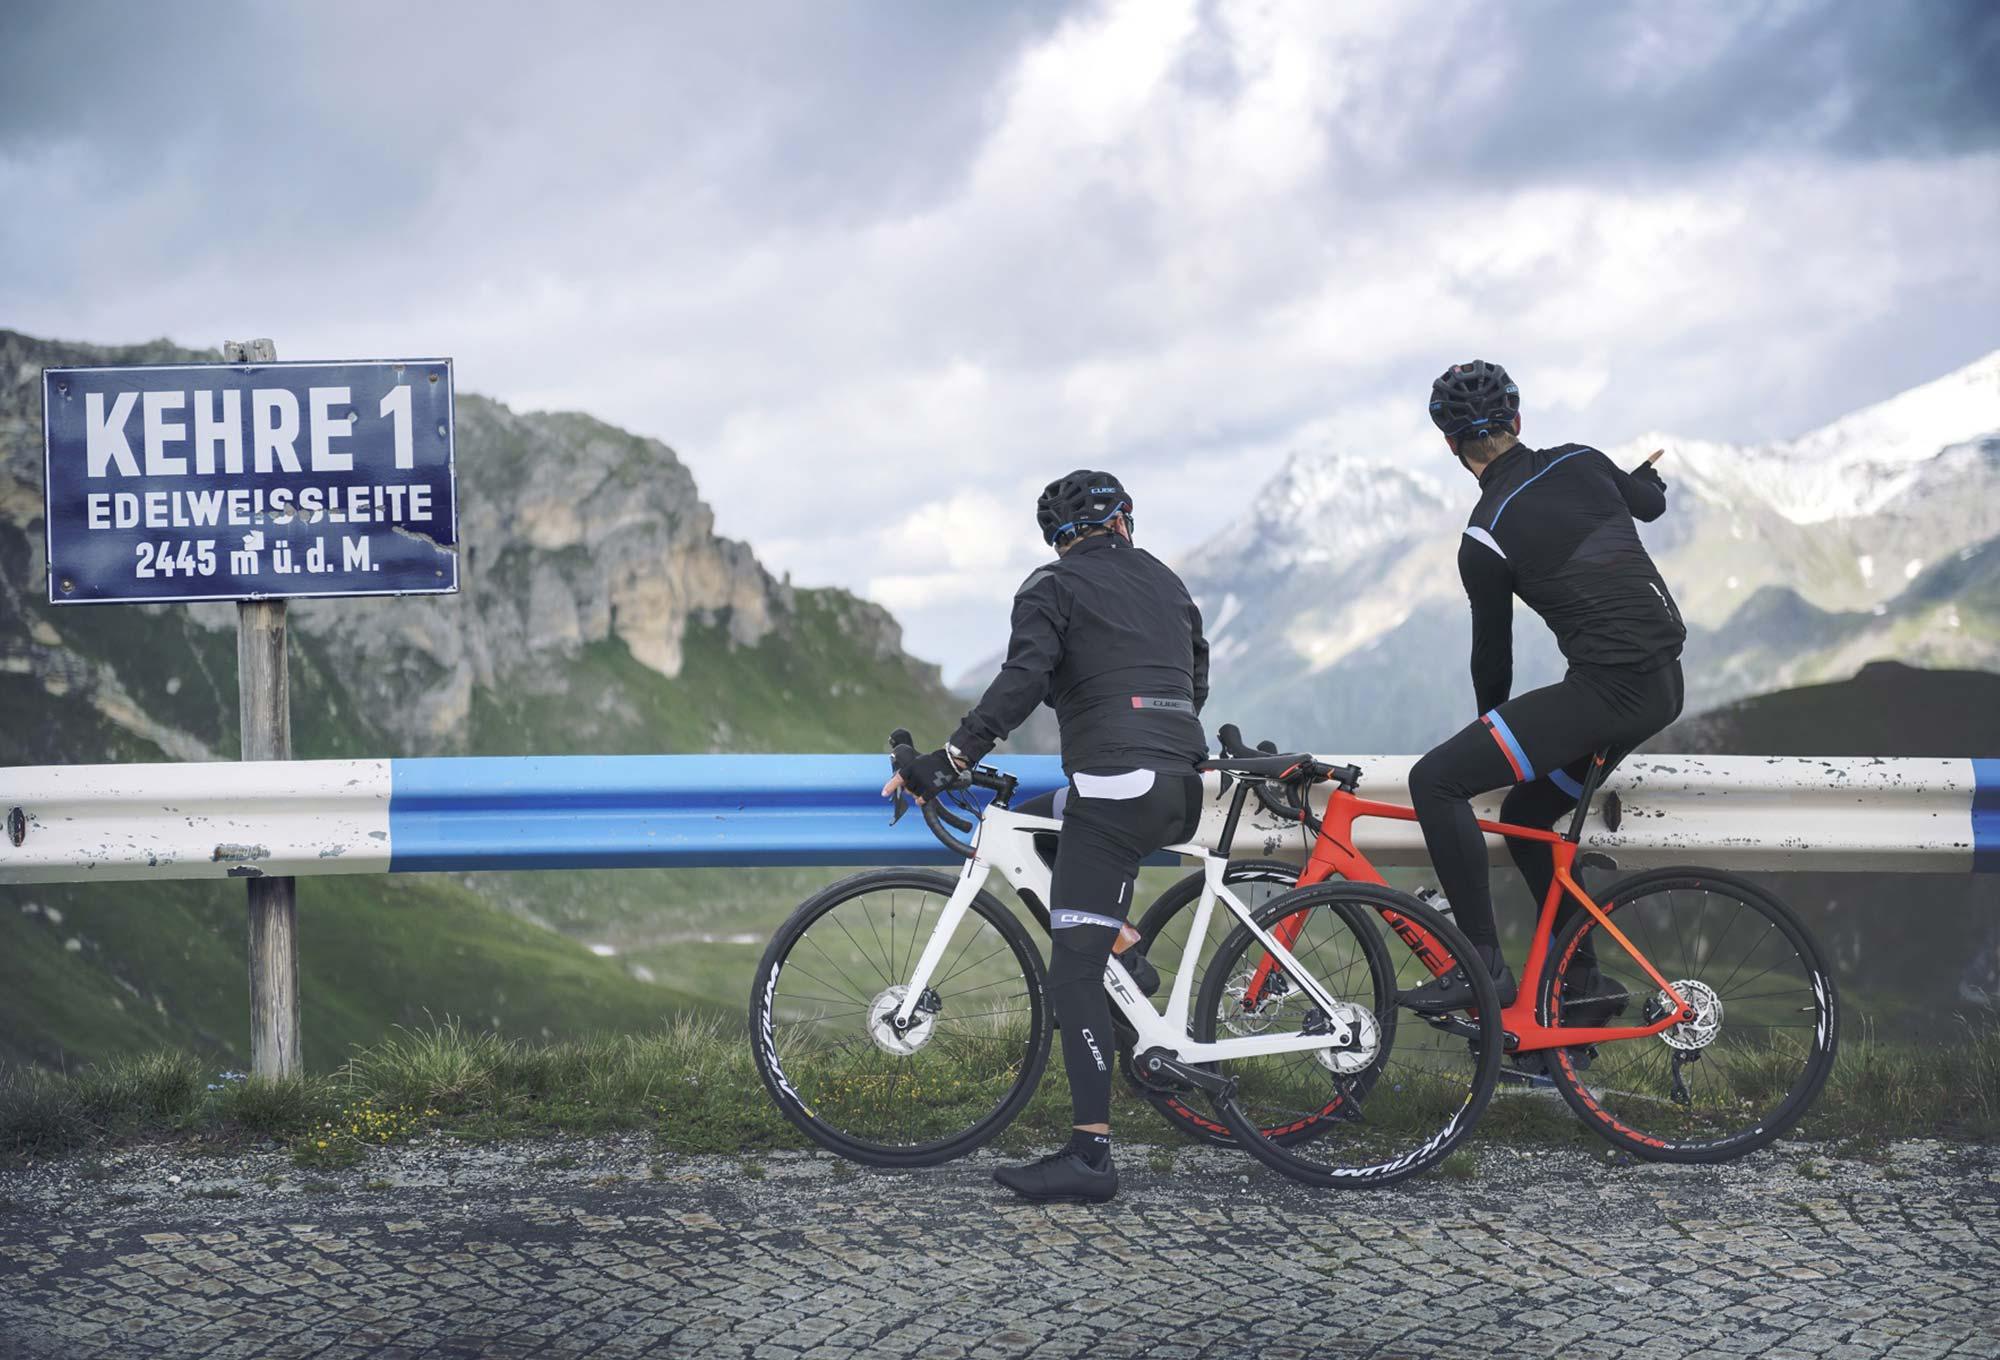 f1ecbe25a06fe9 Vélo de Route Électrique Cube Agree Hybrid C 62 SL Disc Shimano Ultegra 11V  Blanc Noir 2018